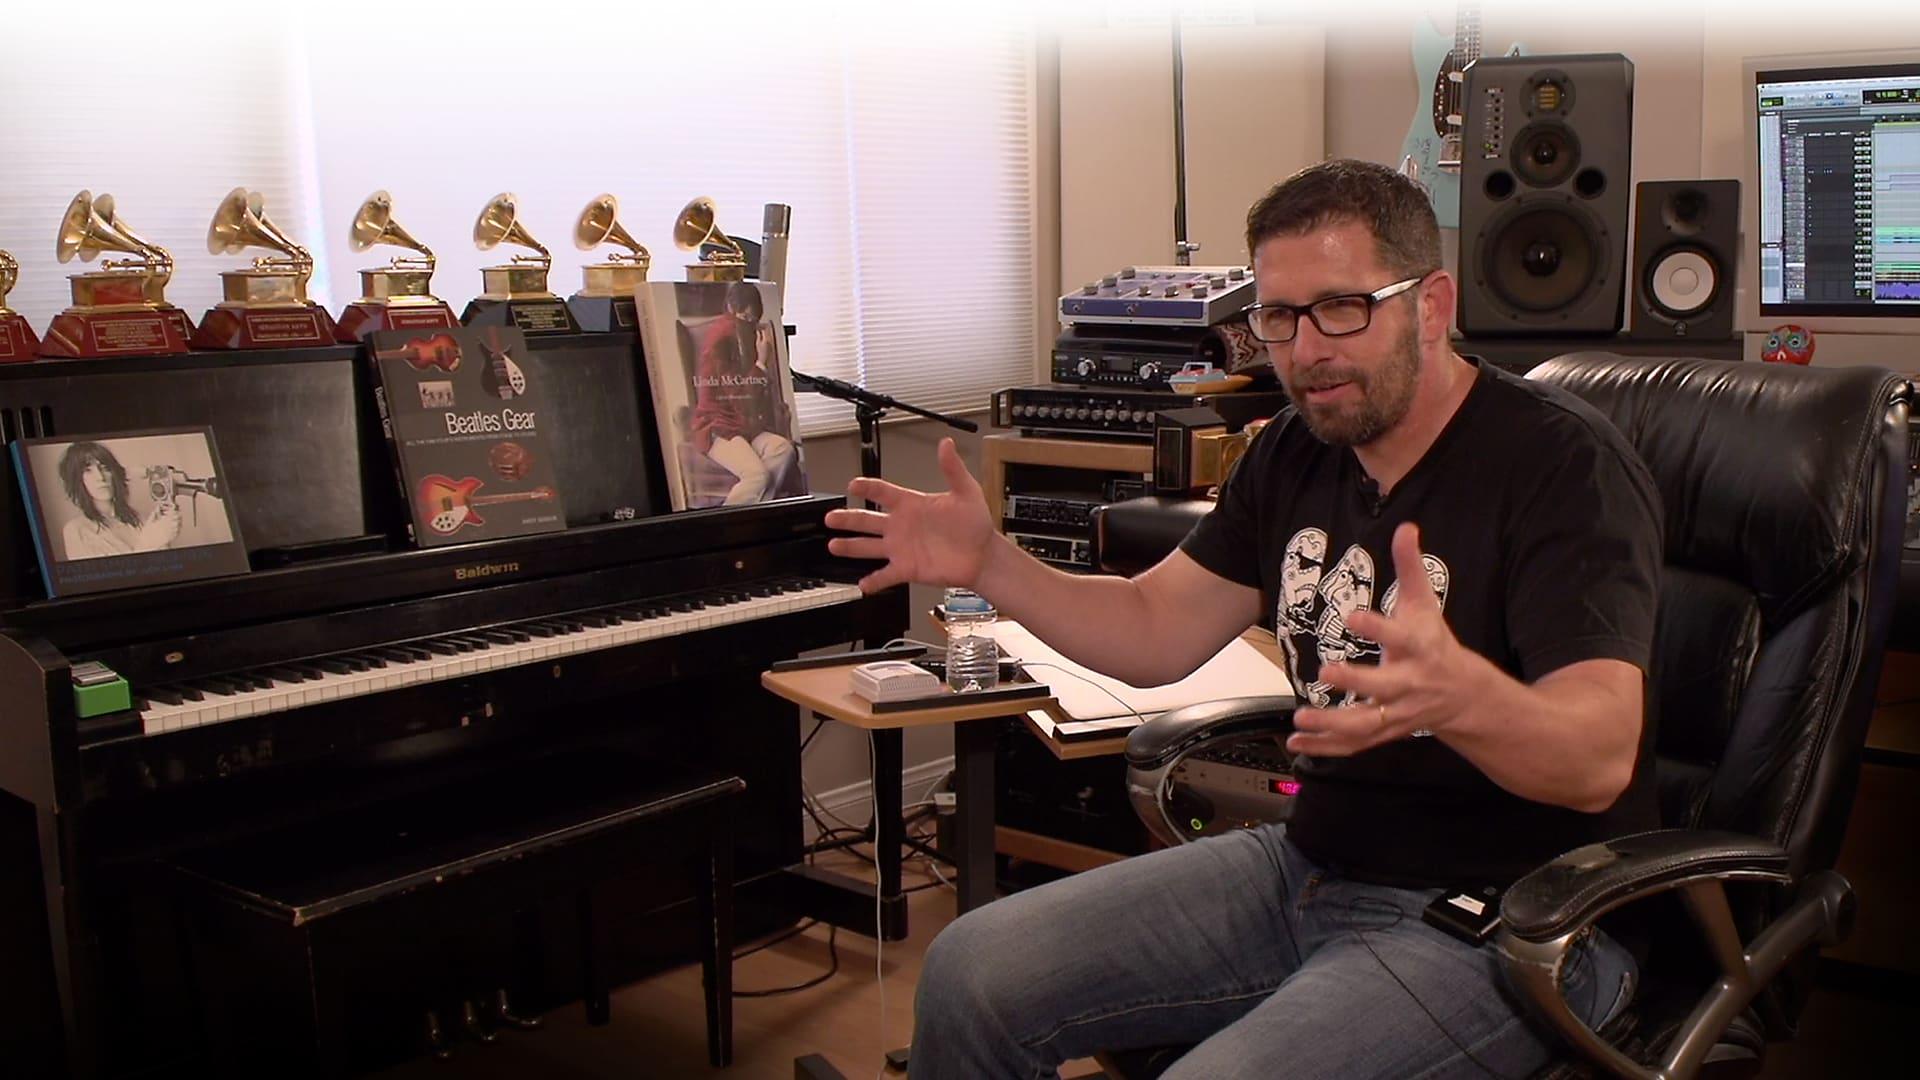 Sebastian Krys Audio Engineer / Producer